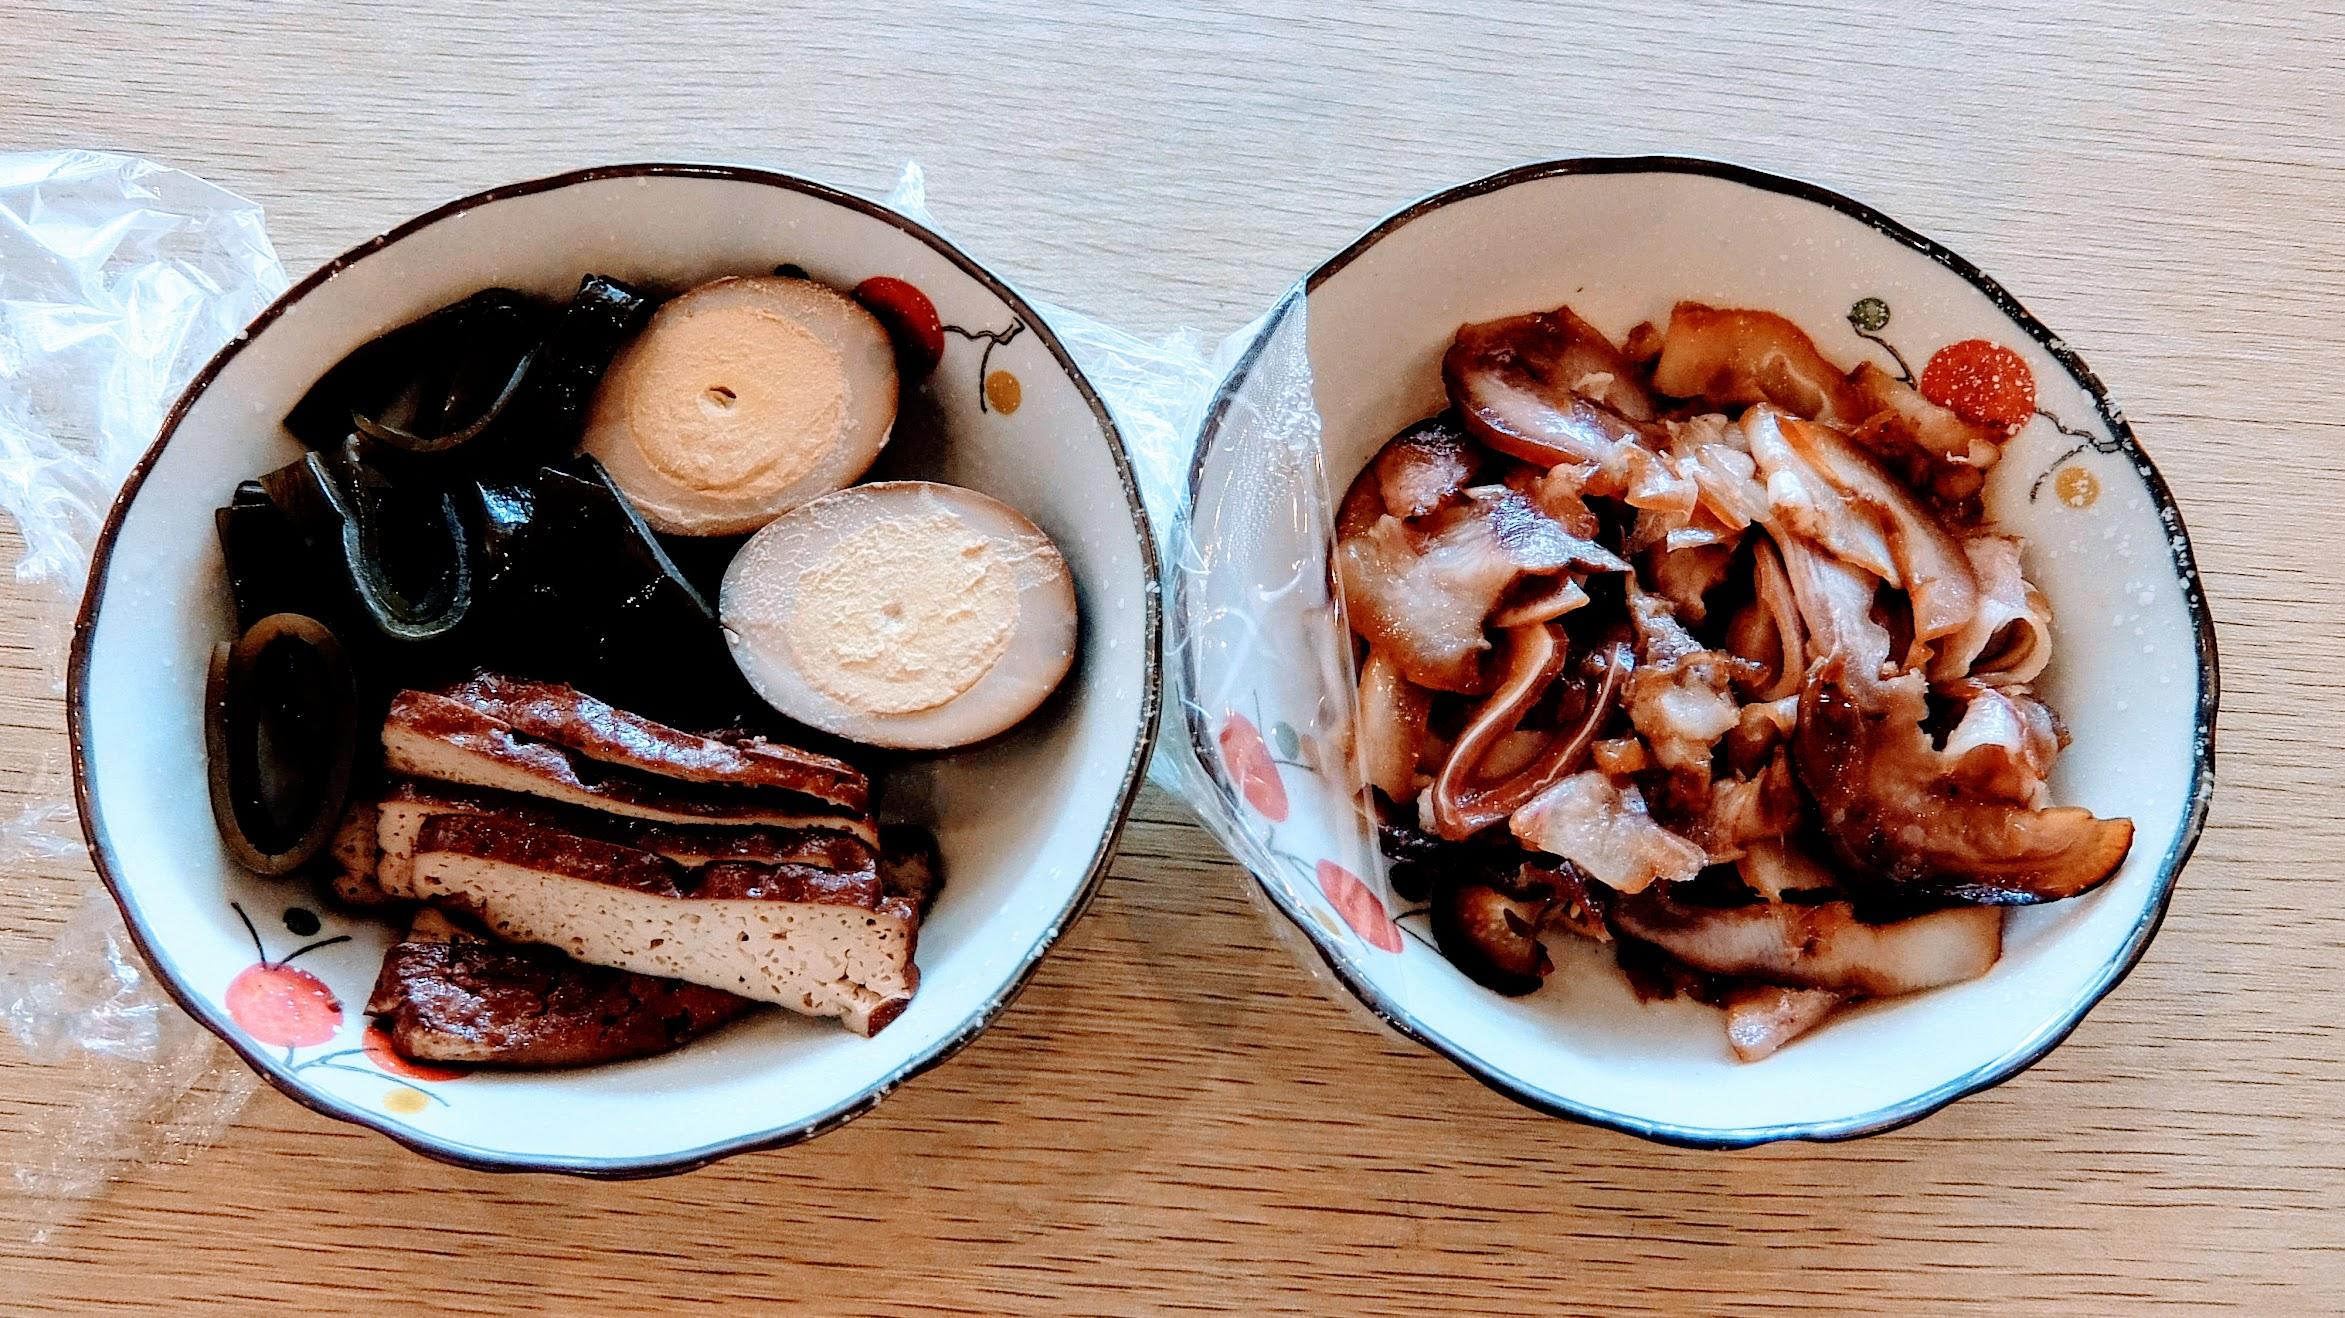 小菜一盤30,在冰箱可以自行取用;左邊的豆乾/海帶/蛋普通,右邊的豬耳朵是煙燻的,好吃XD